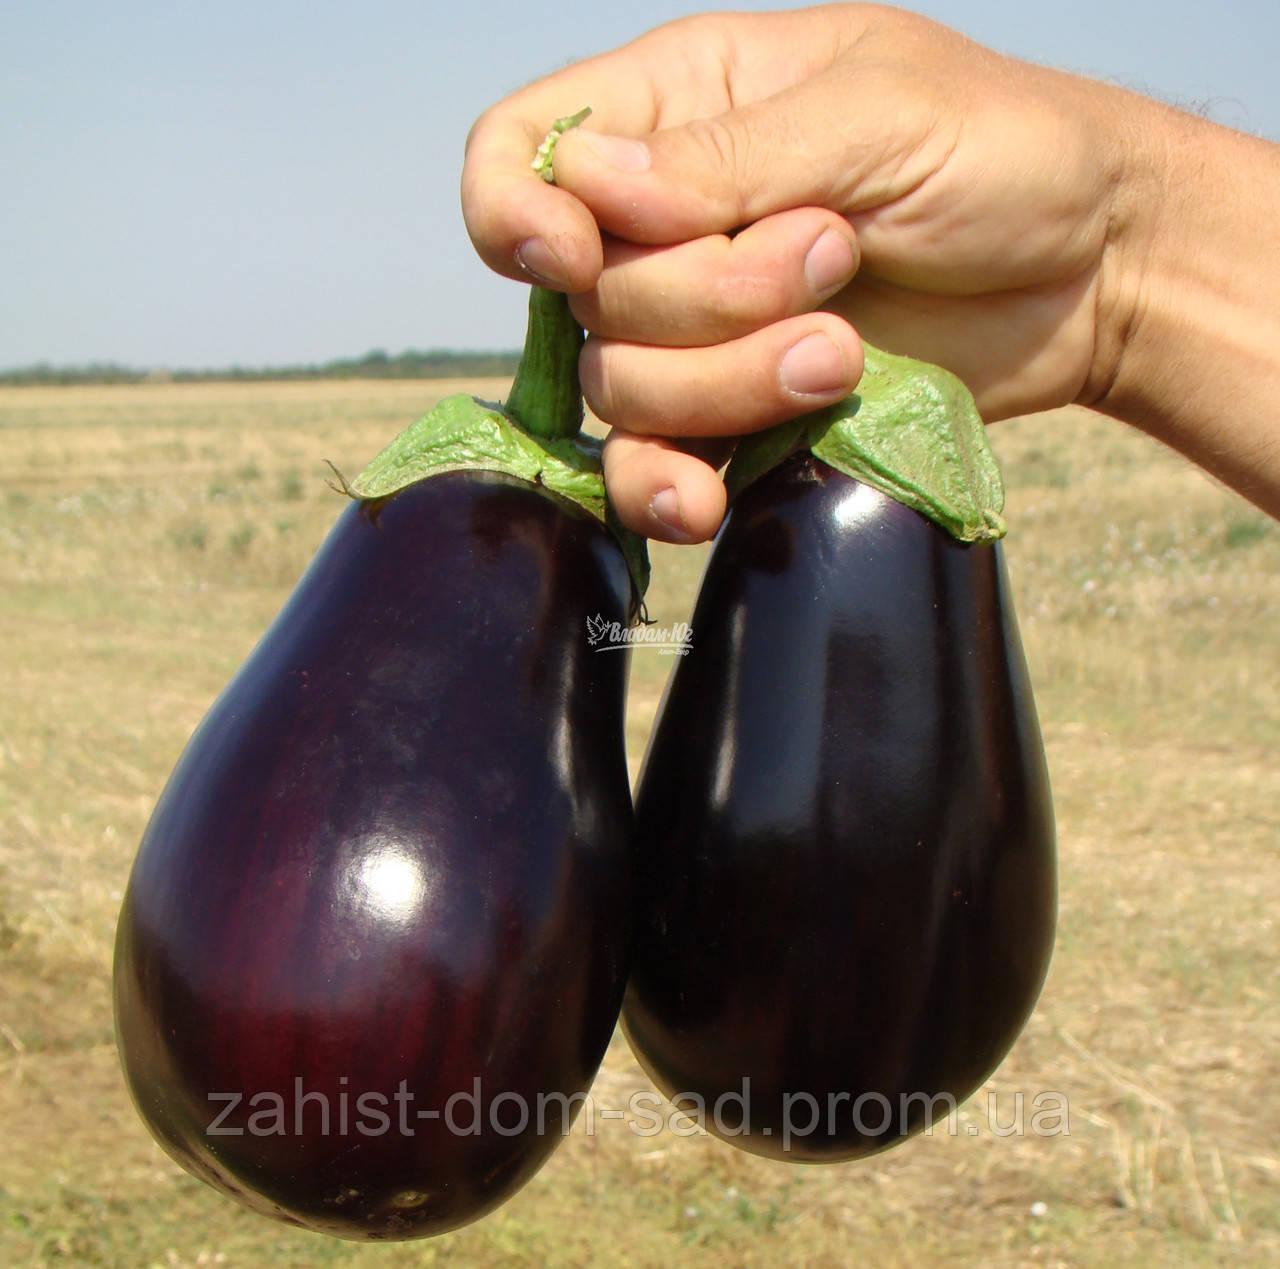 Семена баклажана Галине F1 (Clause) 50 г - ранний (60-65 дней), фиолетовый, округло-овальный